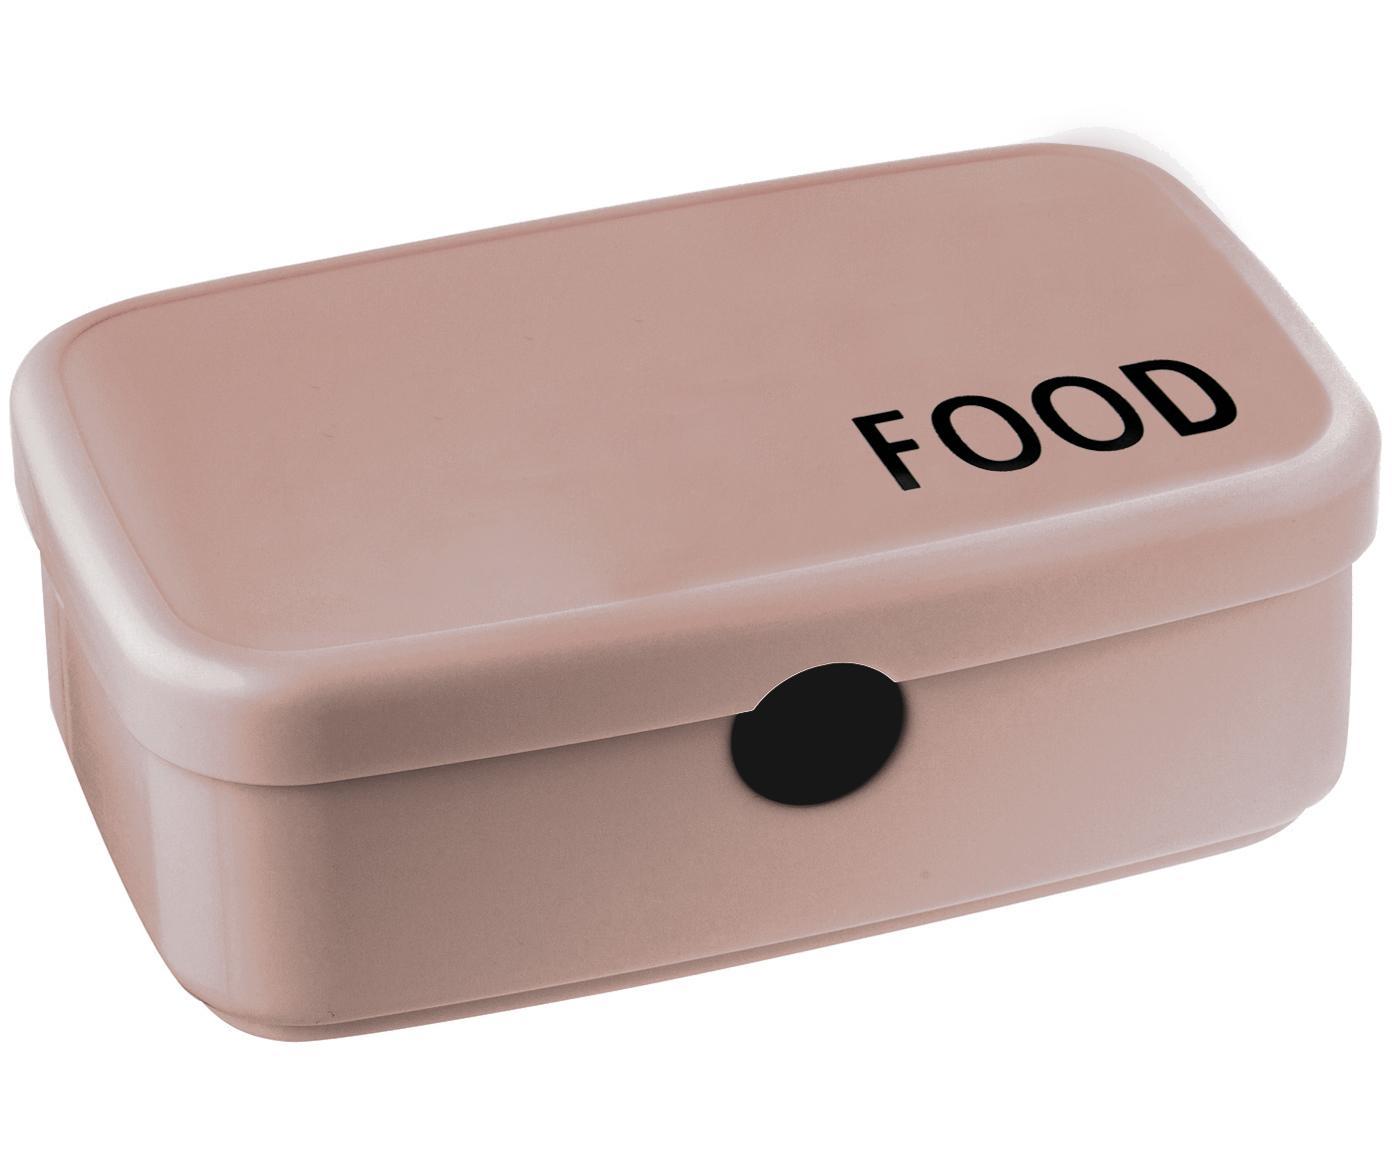 Fiambrera Food, Tritan (plástico, sin BPA), Beige, An 18 x Al 6 cm